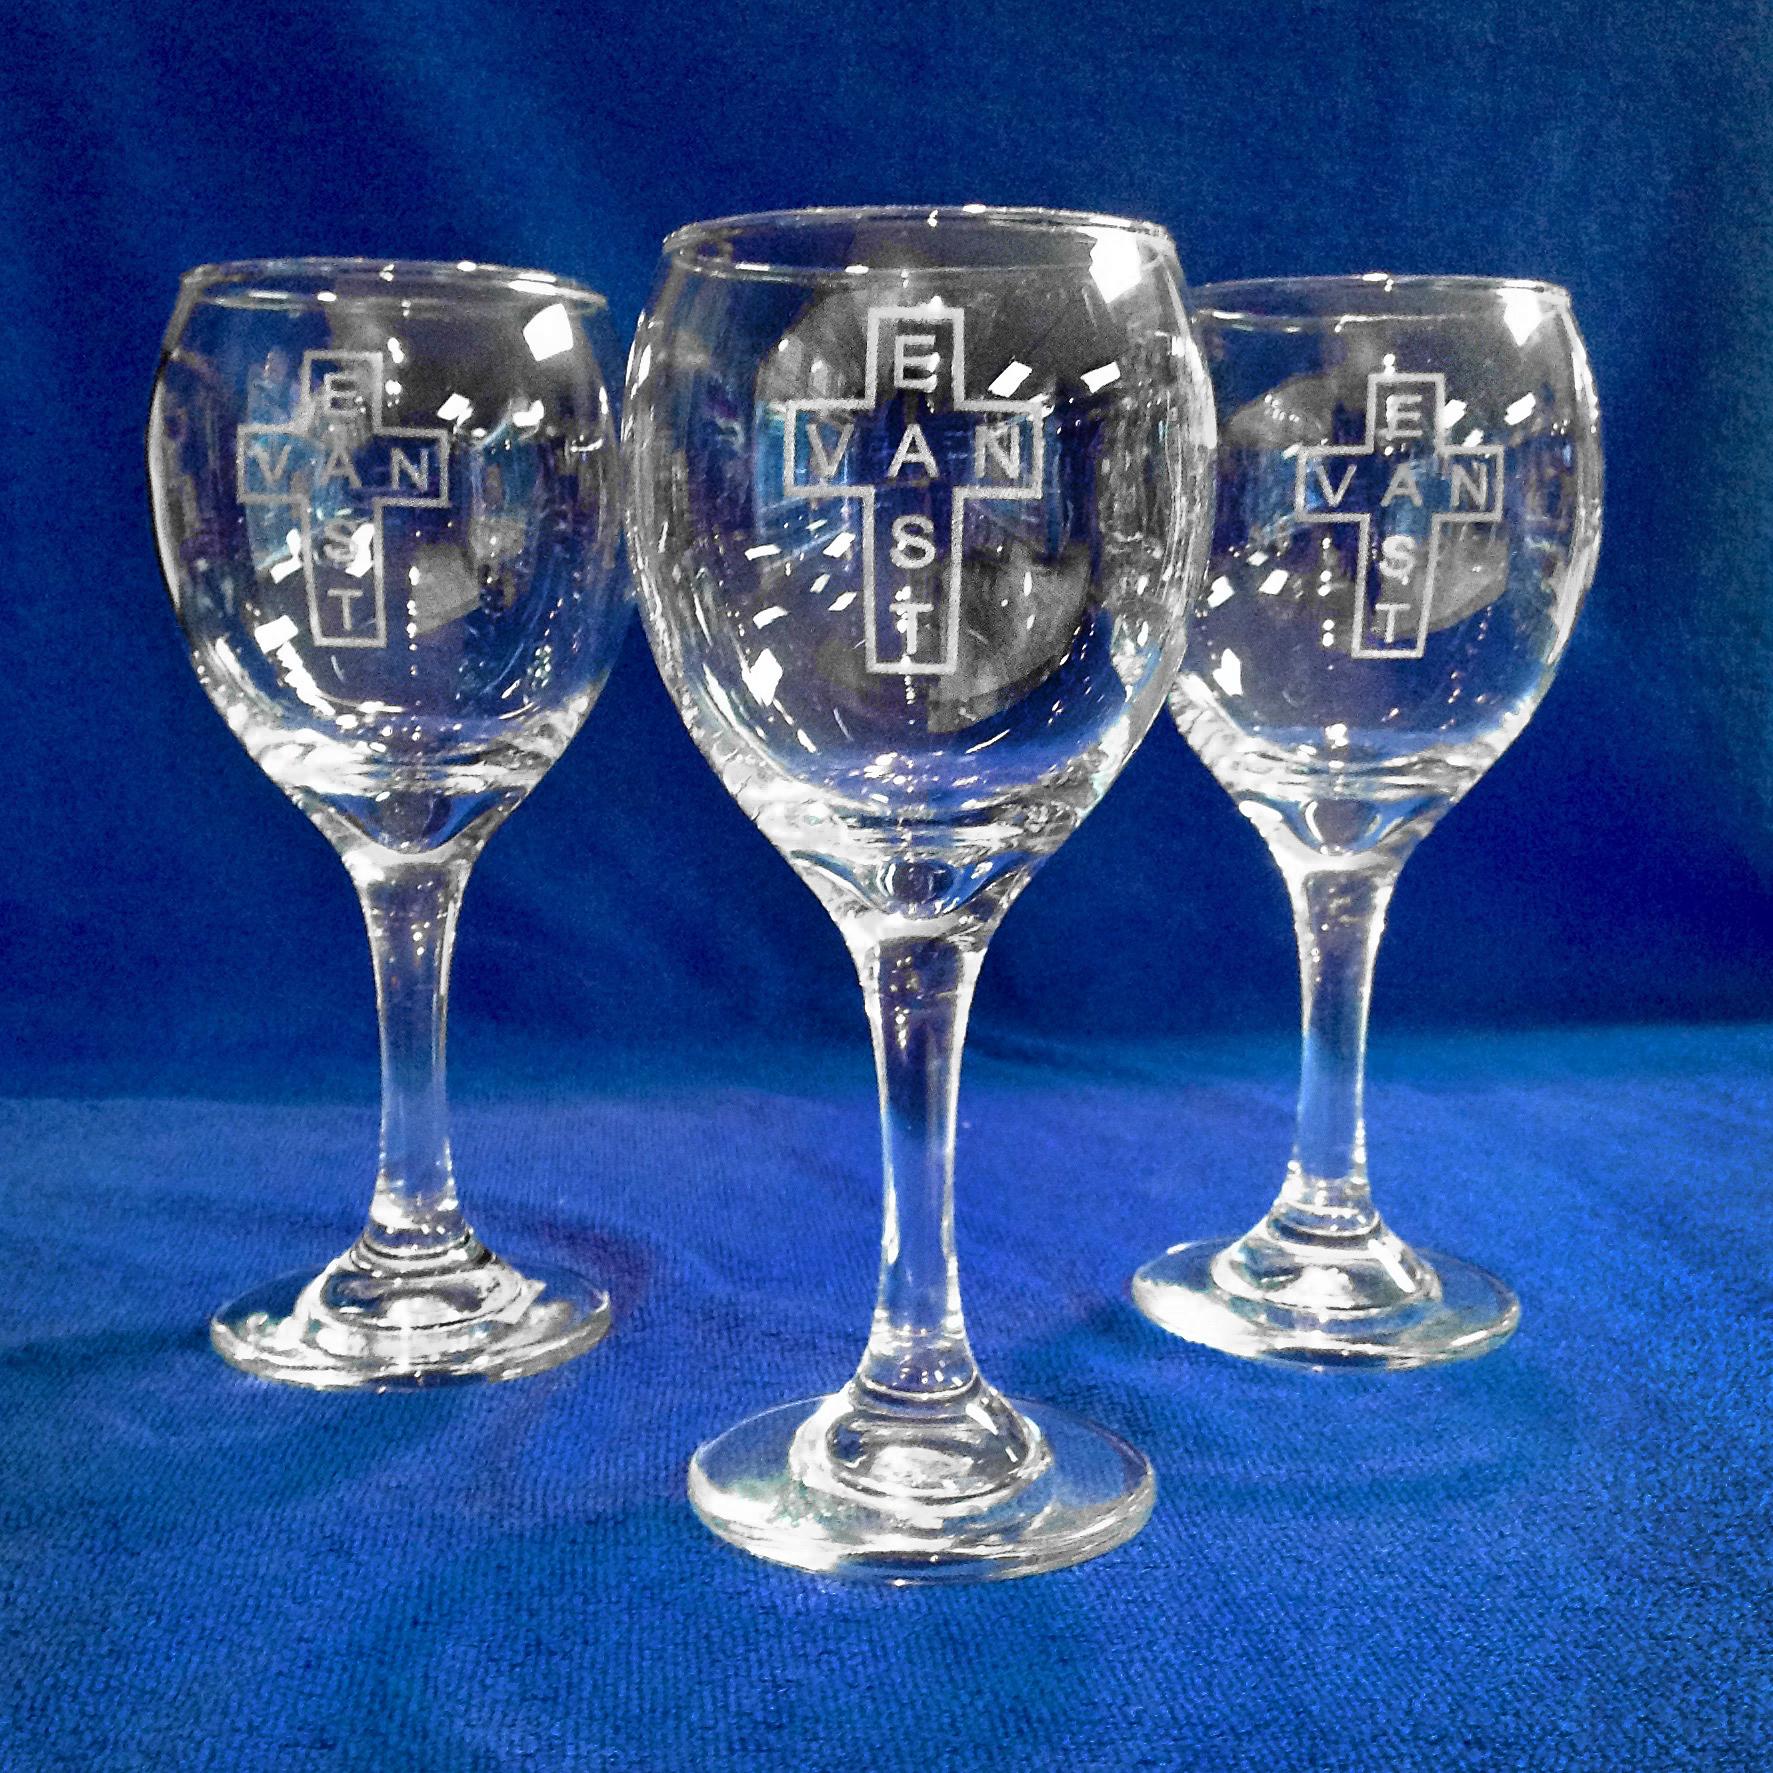 eastvancross-wine-glasses